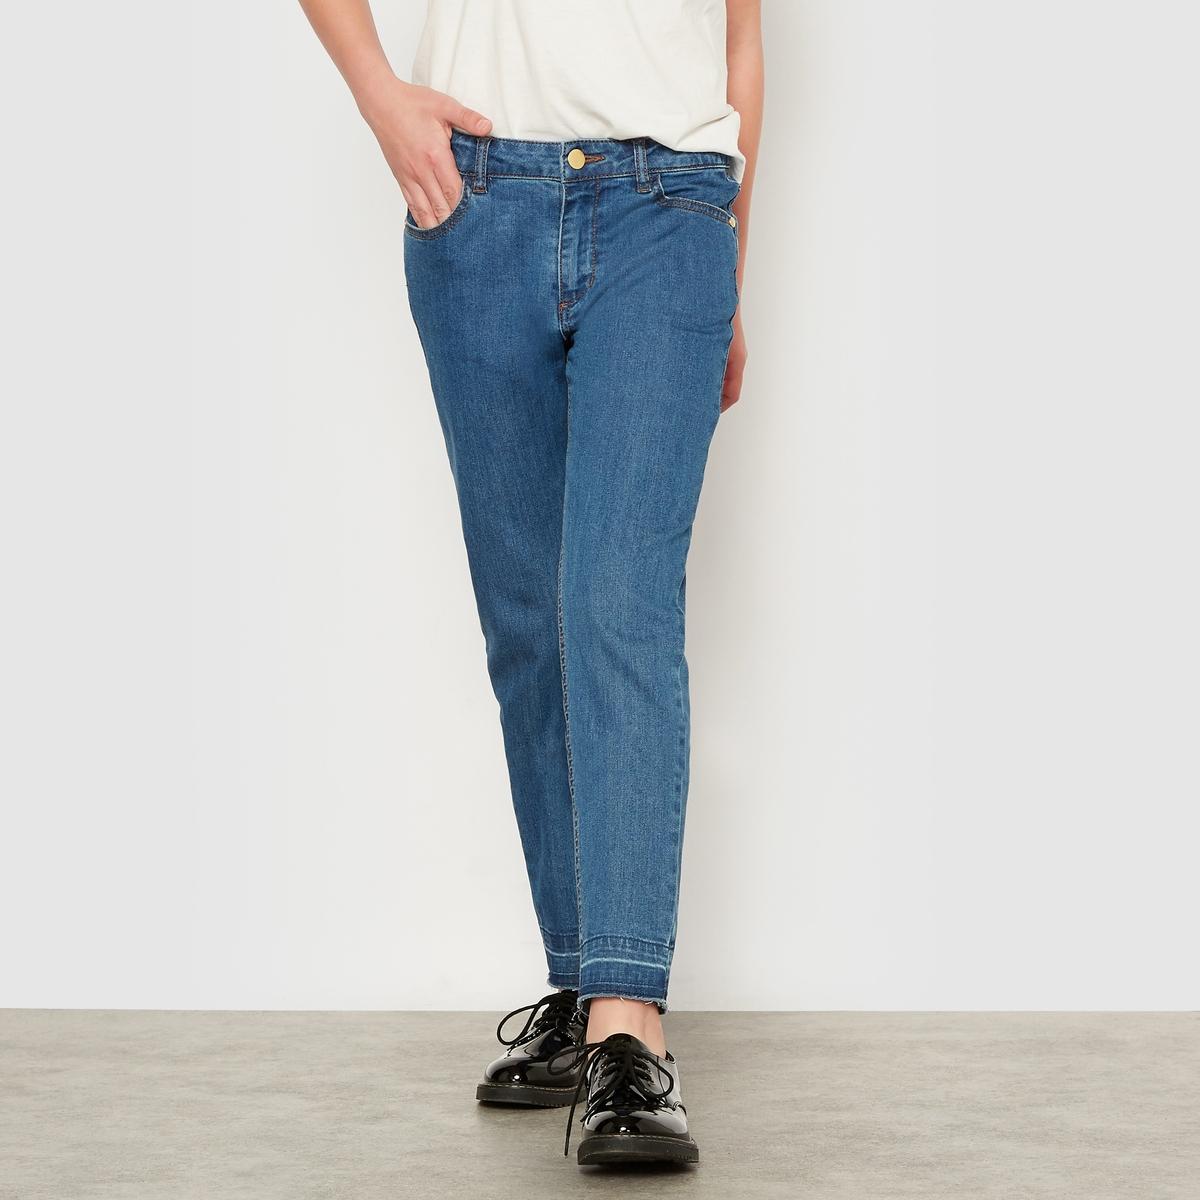 Джинсы узкие с рваным эффектом, возраст  10-16 лет джинсы узкие скинни с вышивкой для 10 16 лет